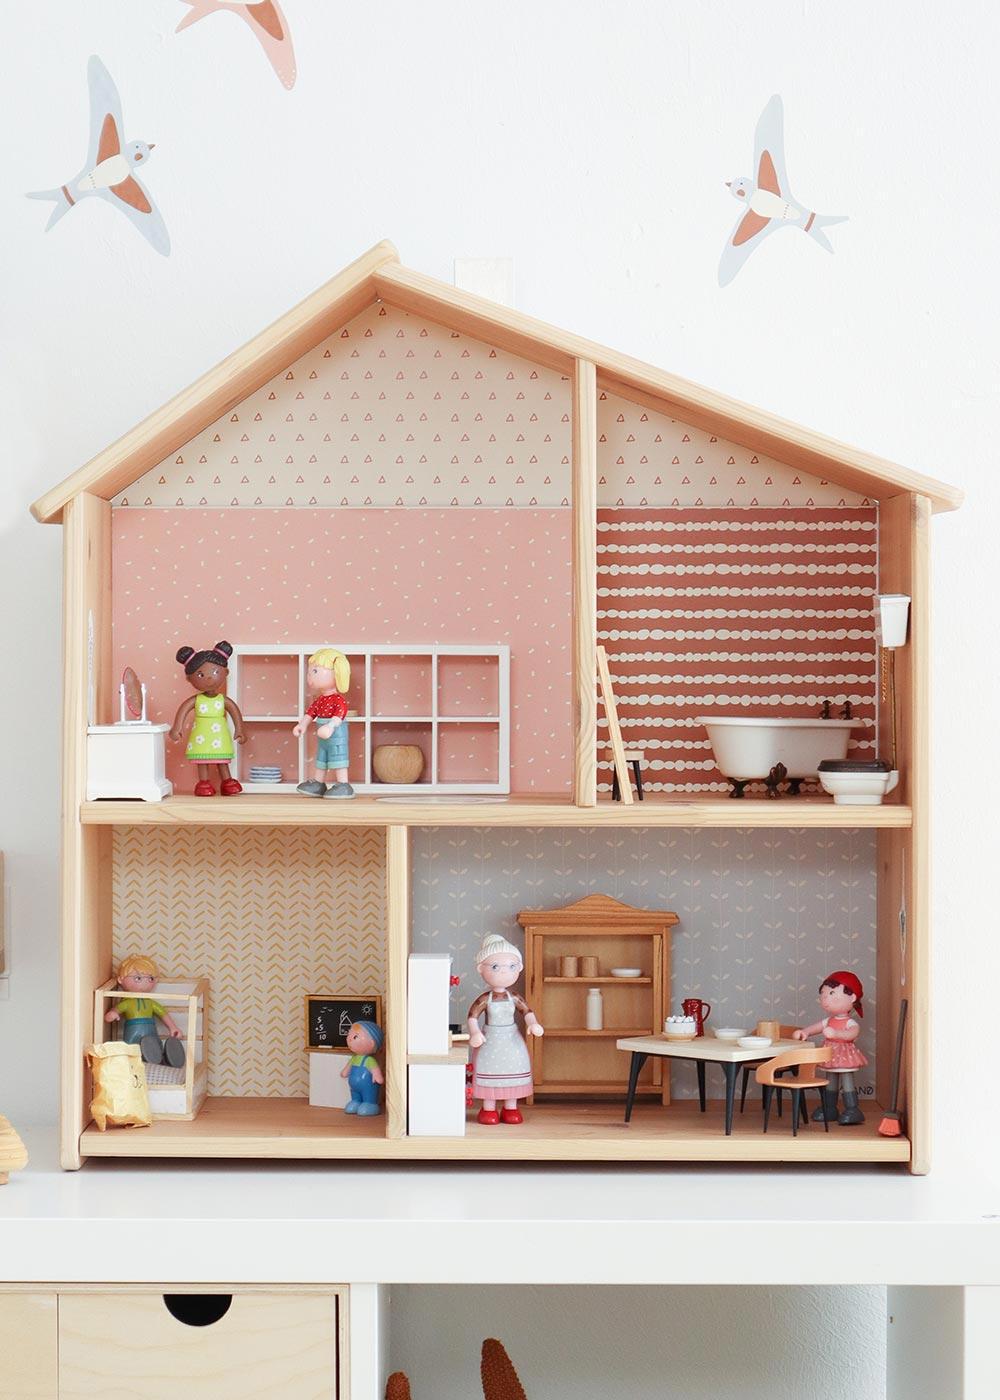 Ikea Flisat Puppenhaus Tapete Lille Stuba rosa camel mit Vögeln